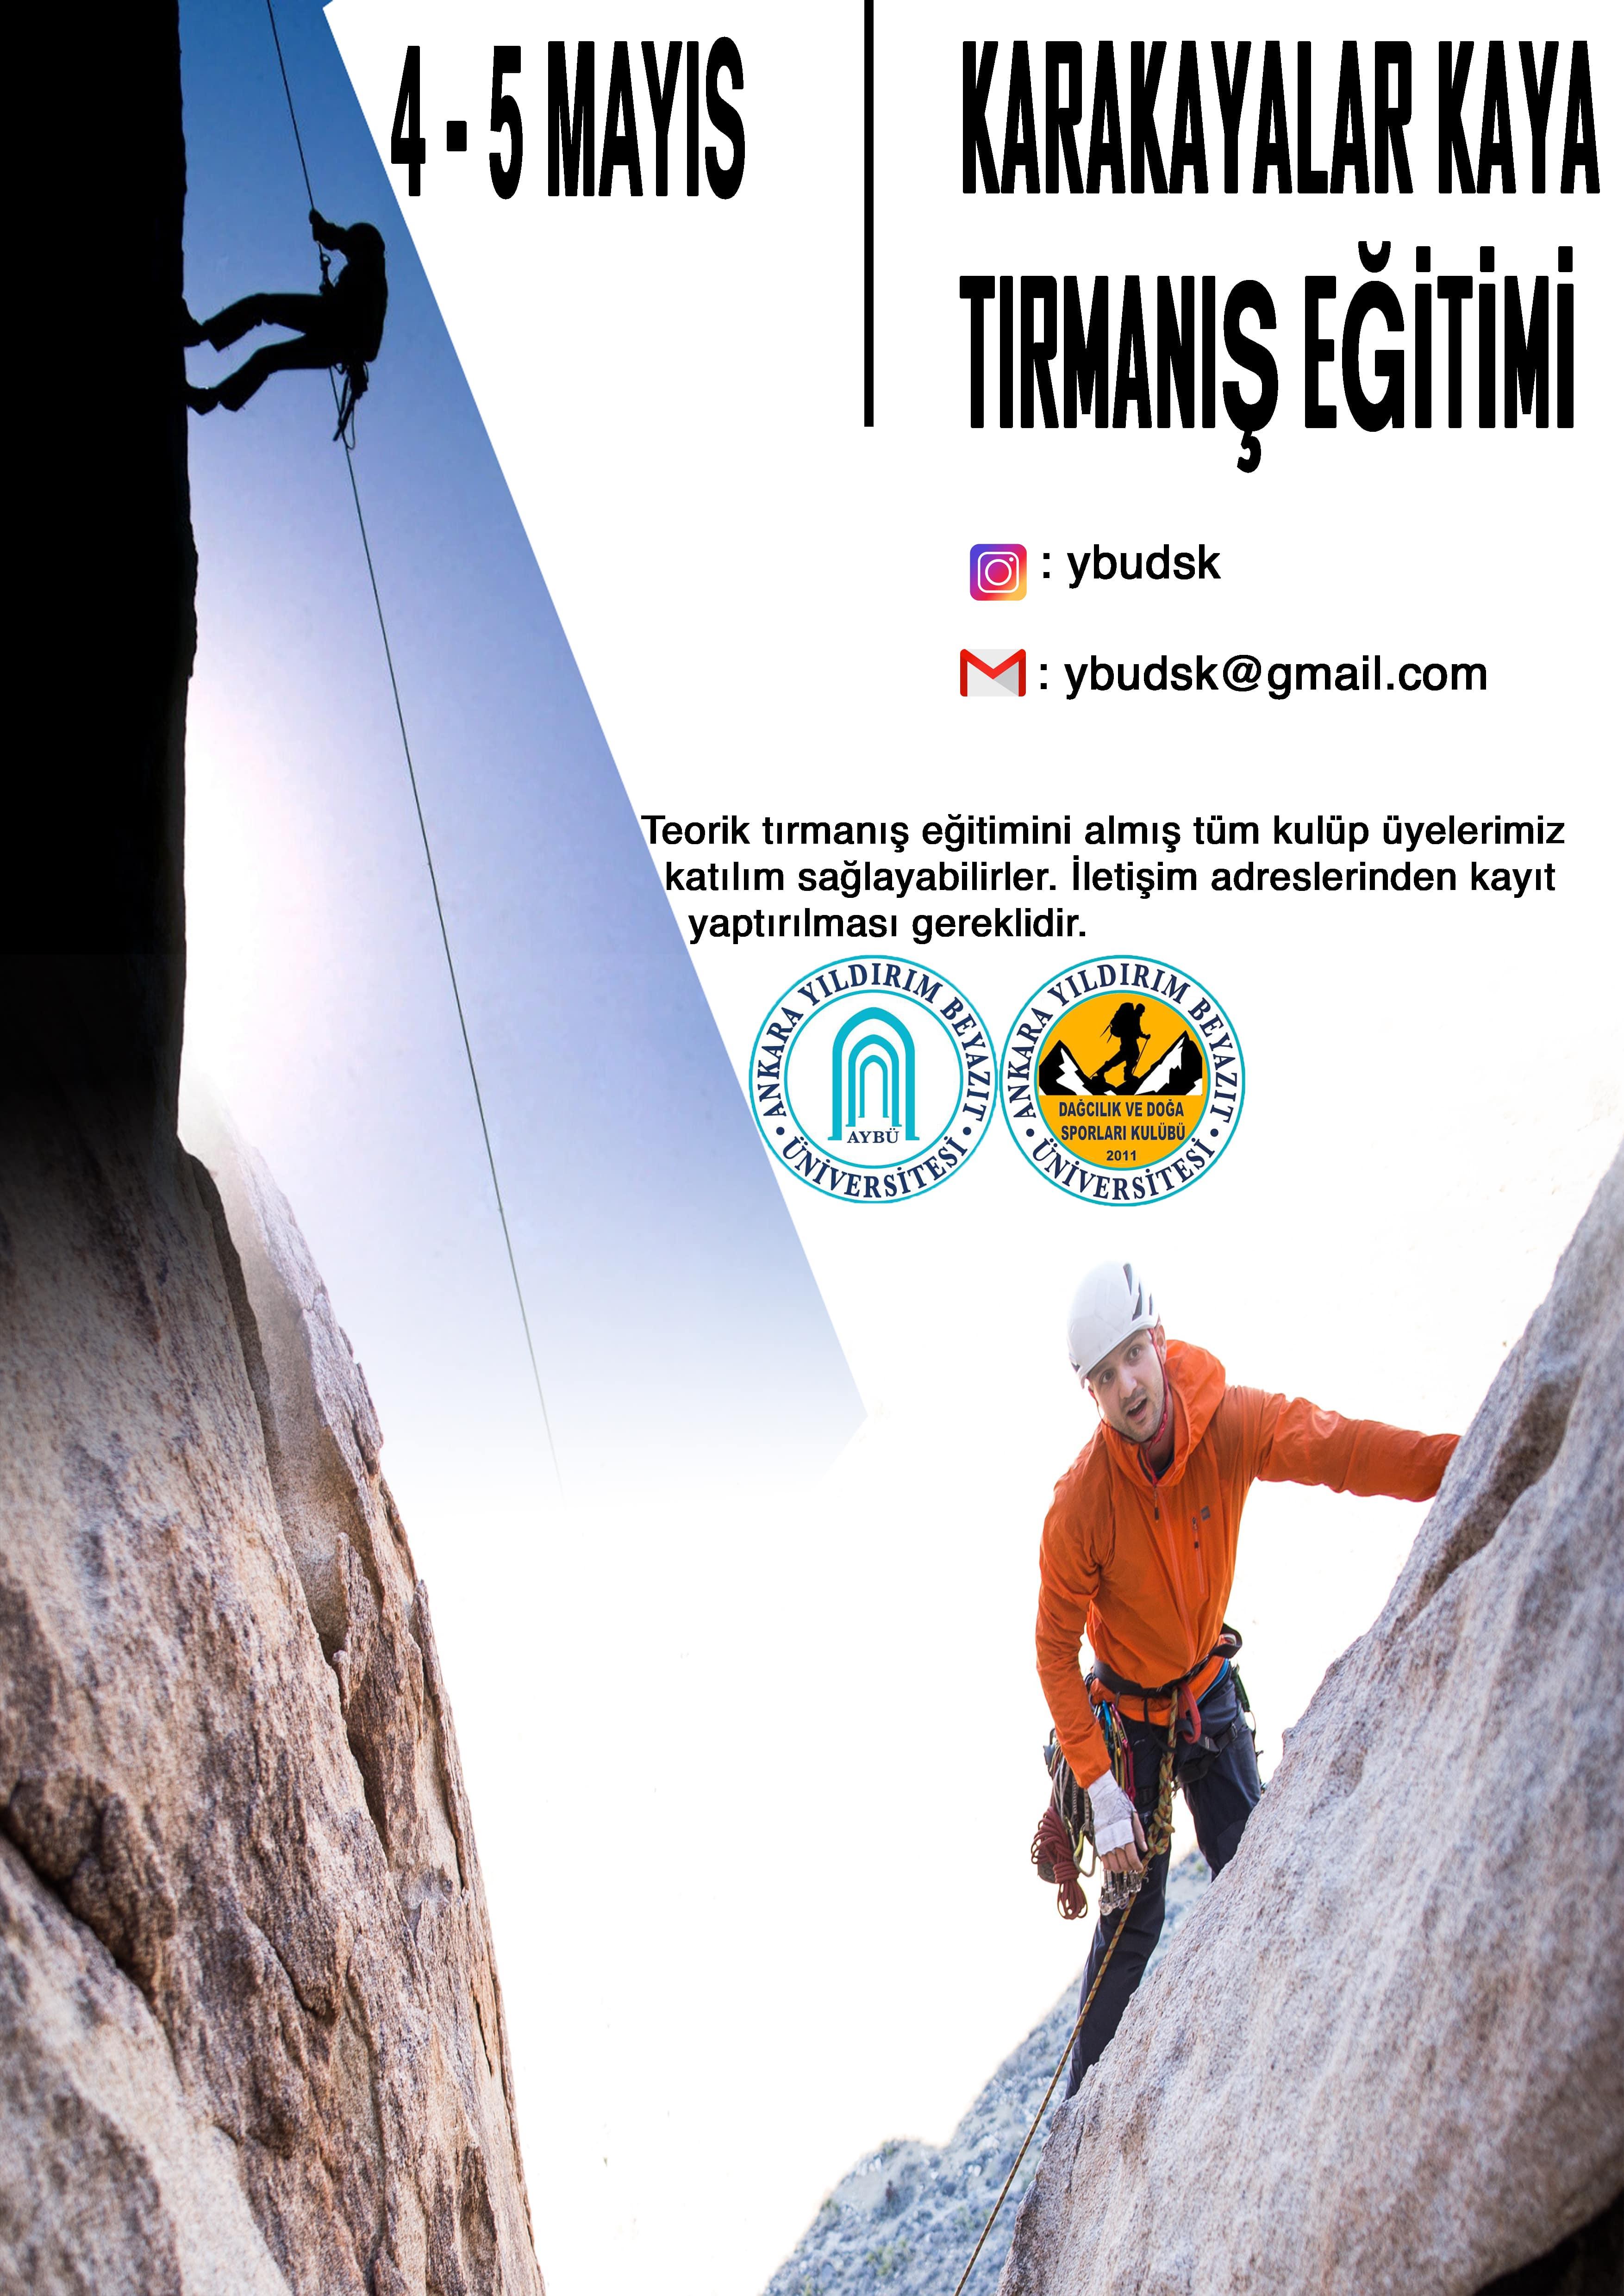 Karakayalar Kaya Tırmanışı